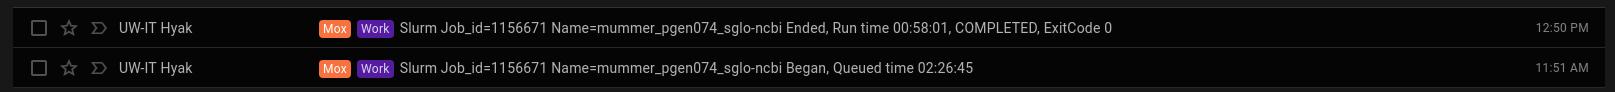 pgen-v074 vs sglo-ncbi MUMmer runtime screencap